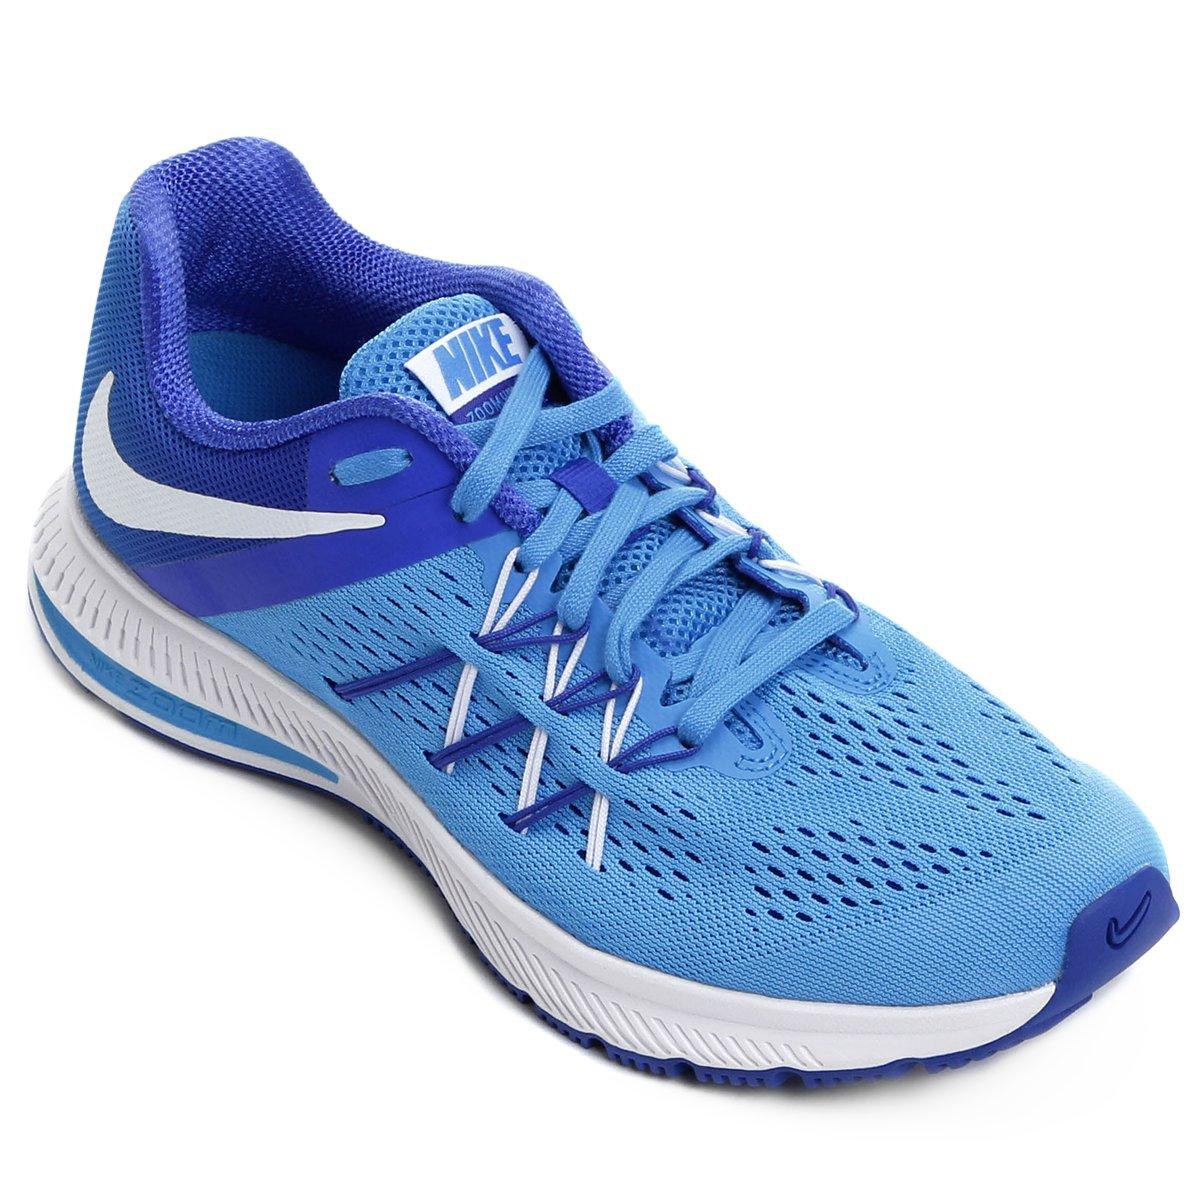 529da731091d8 ... official store o produto tênis nike zoom winflo 3 feminino azul e  branco acabou. c3879 ...